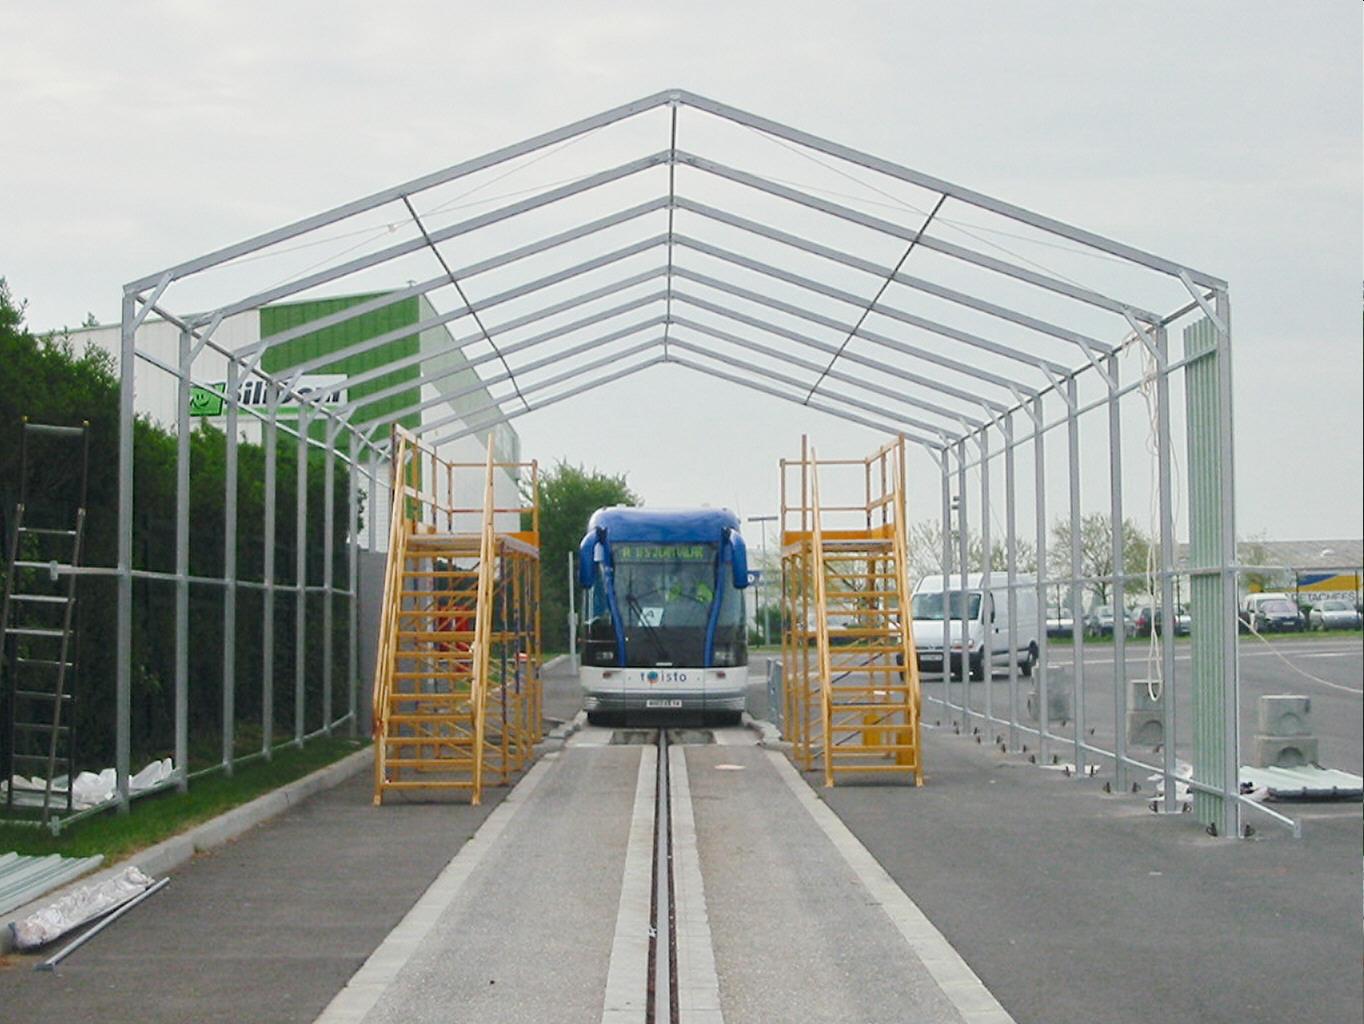 Bâtiments Construction d'une charpente métallique pour la construction d'un hangar de protection pour le Tramway de Caen Basse Normandie